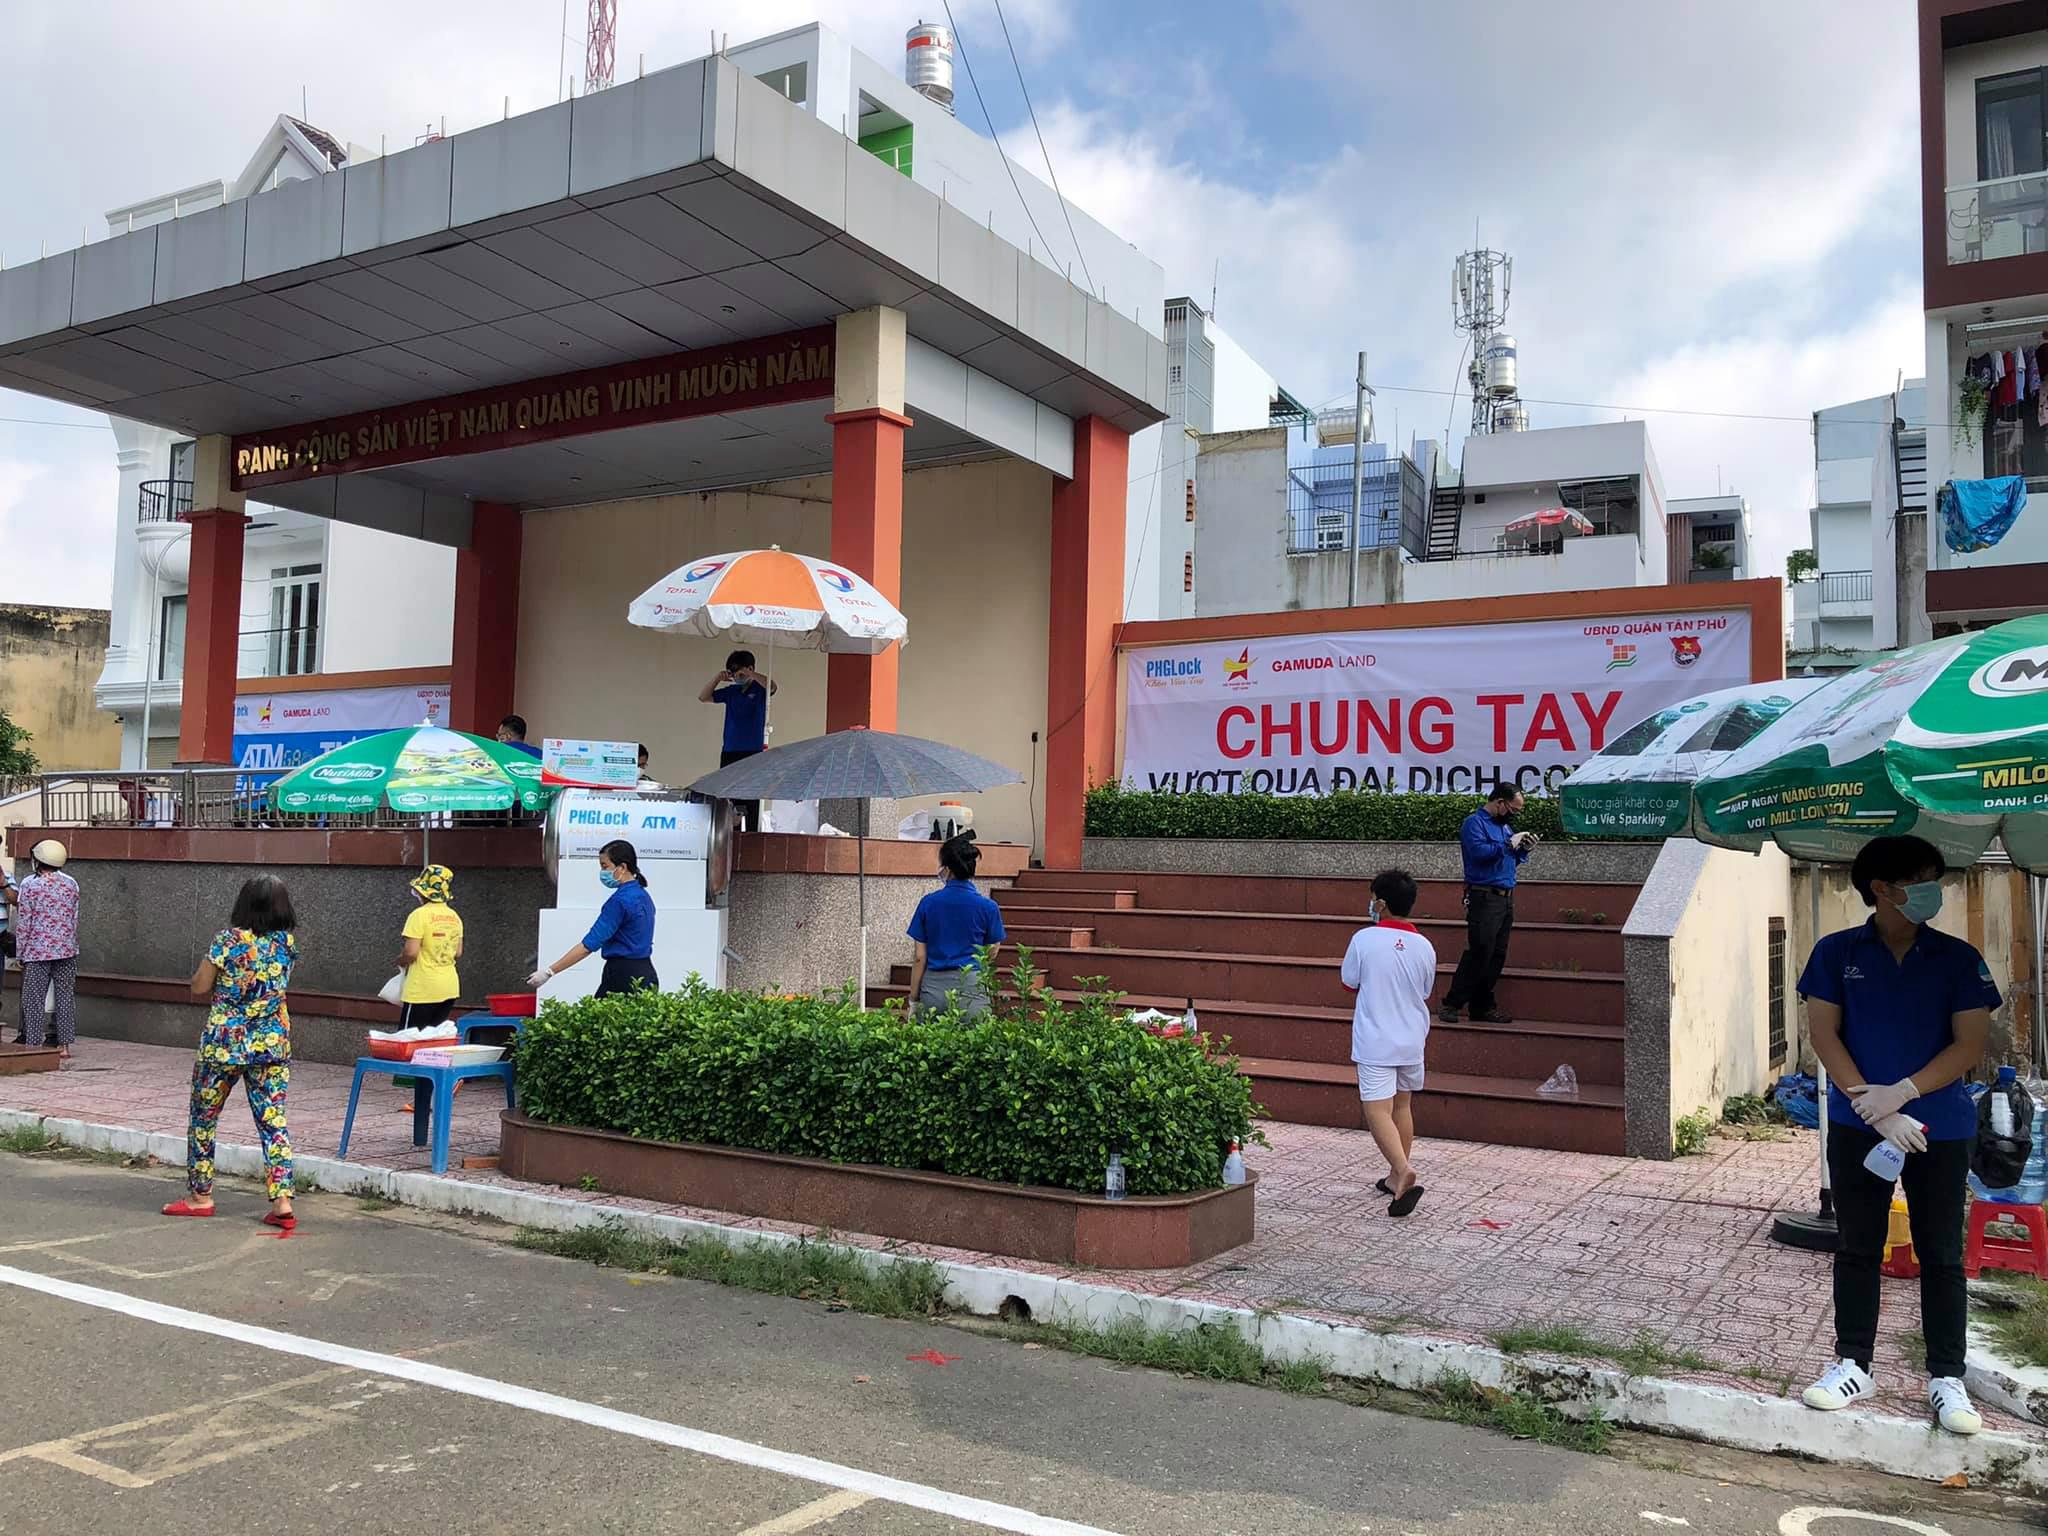 """""""ATM gạo"""" thứ 2 ở Sài Gòn hoạt động trong mùa dịch, bà con khó khăn chỉ cần đến """"máy sẽ tự động nhả gạo"""" - hình ảnh 2"""